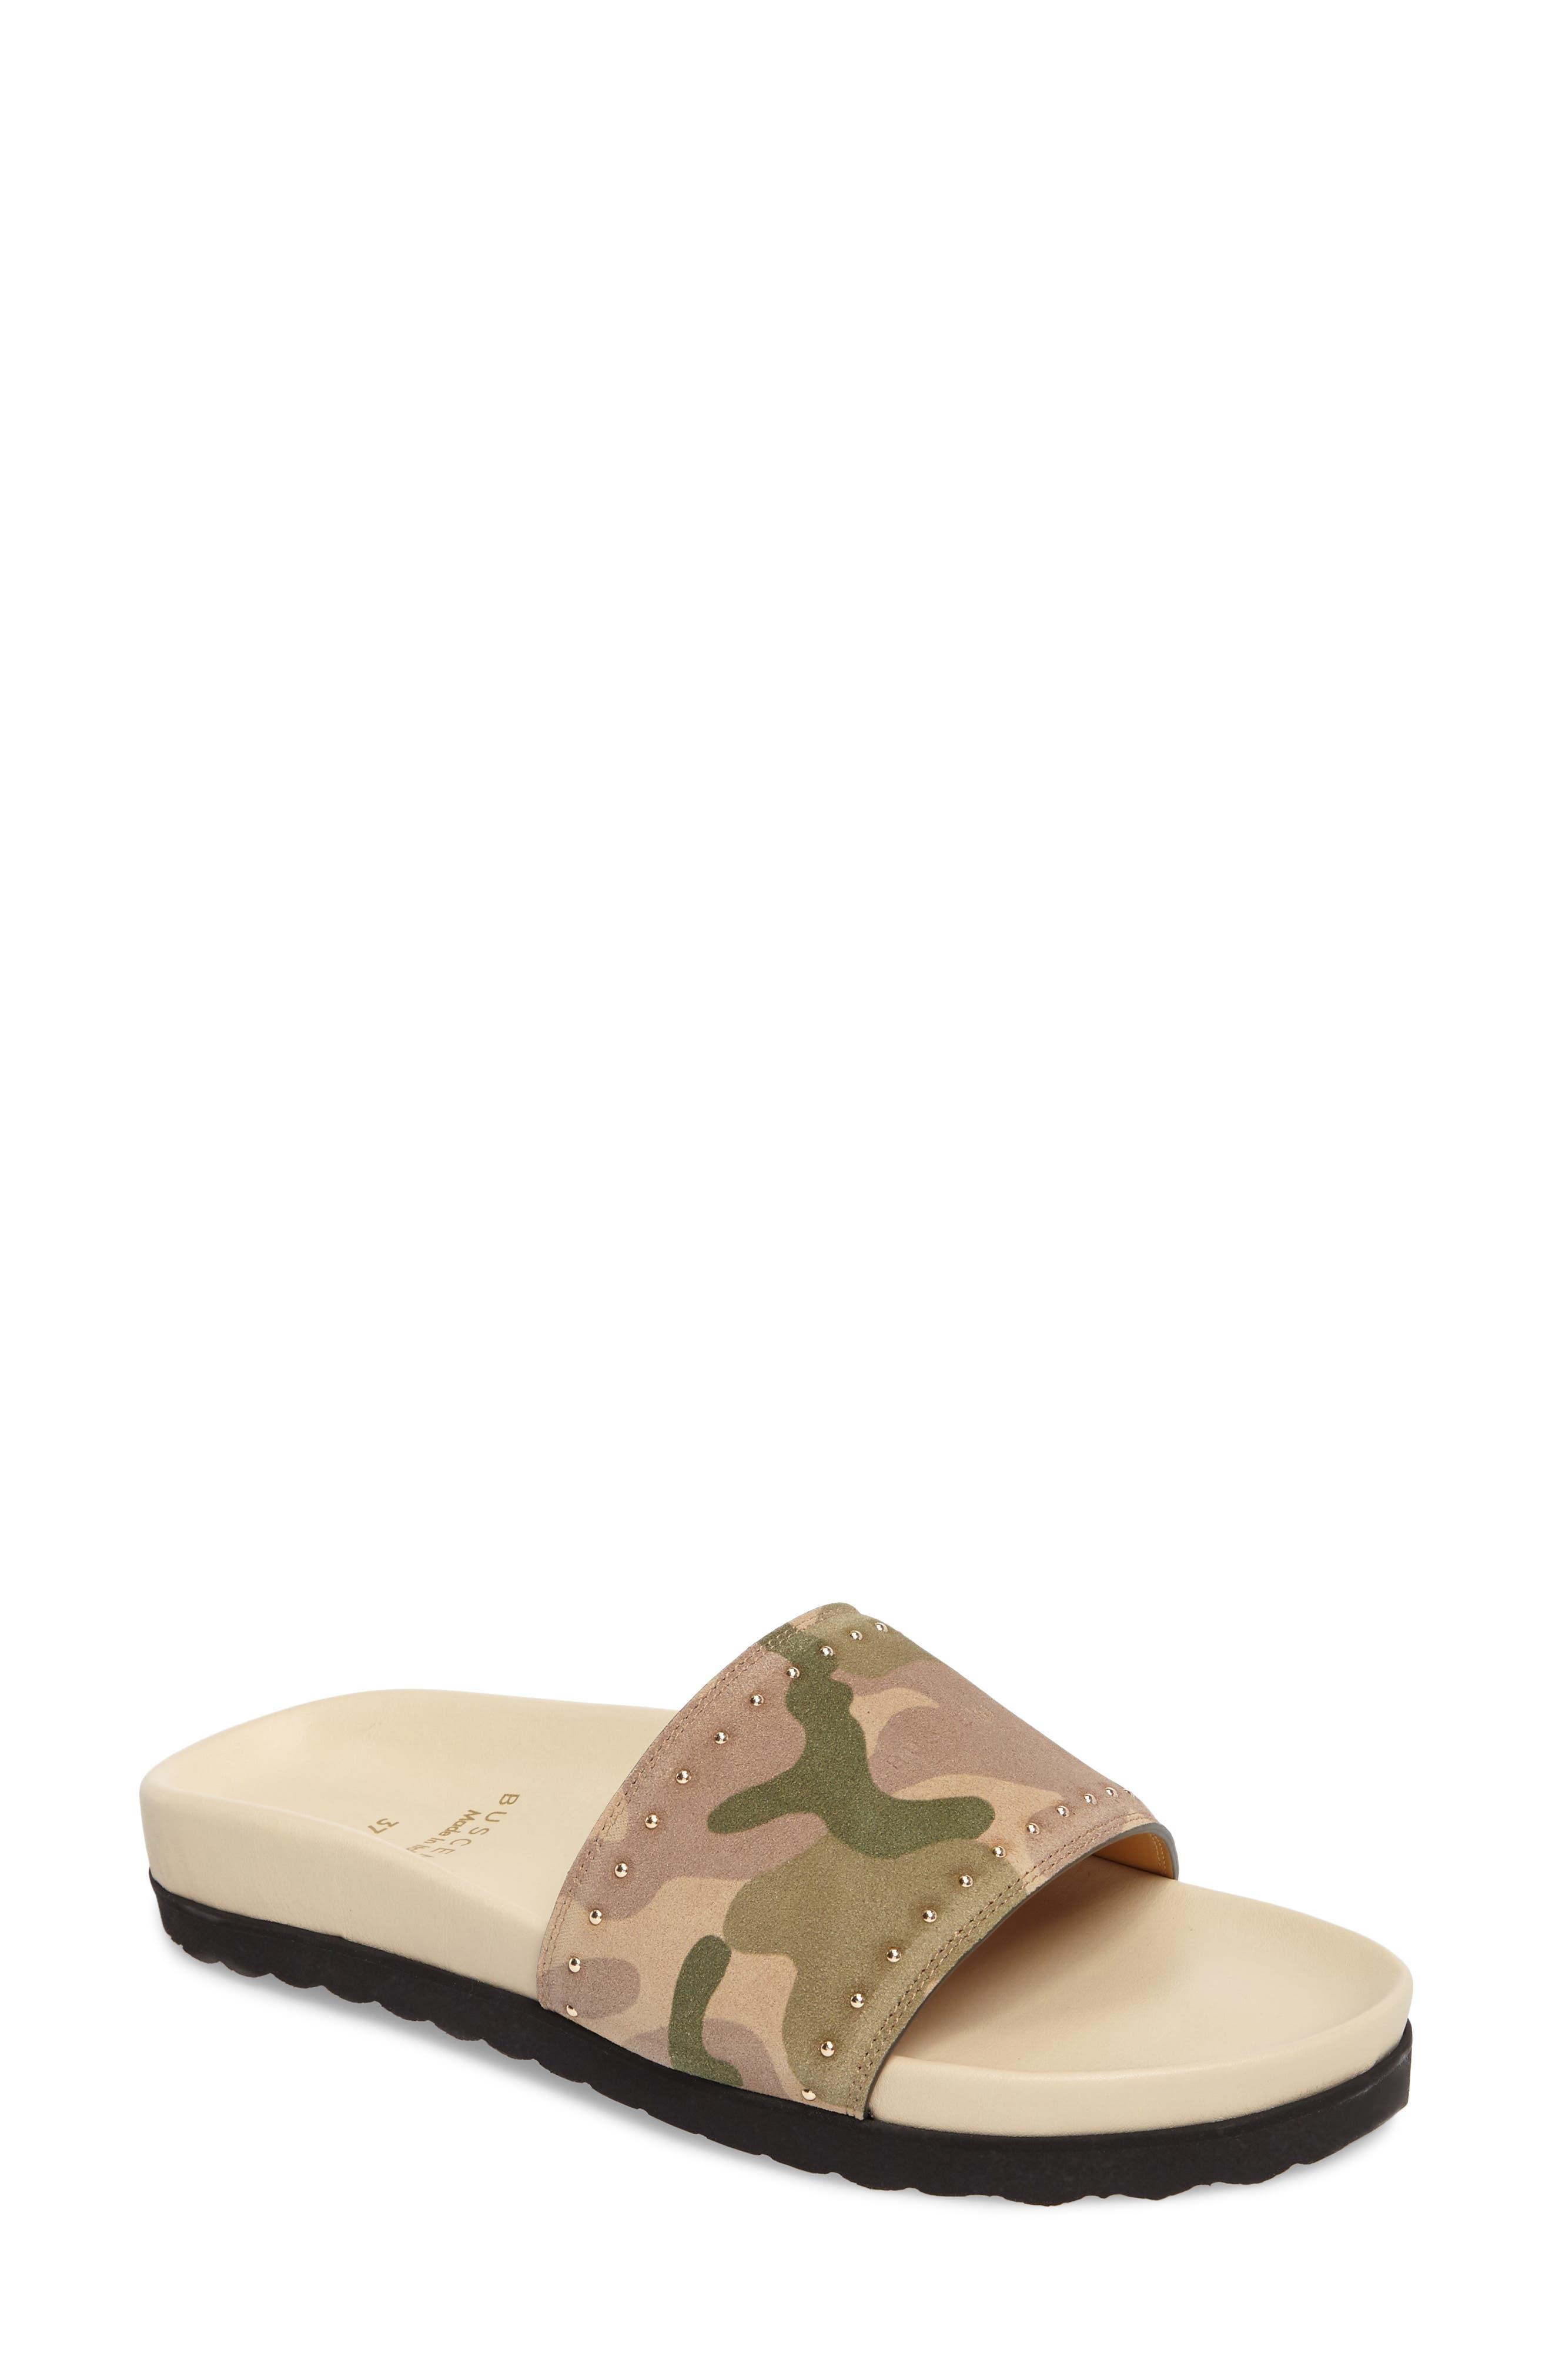 Camo Slide Sandal,                             Main thumbnail 1, color,                             Camou